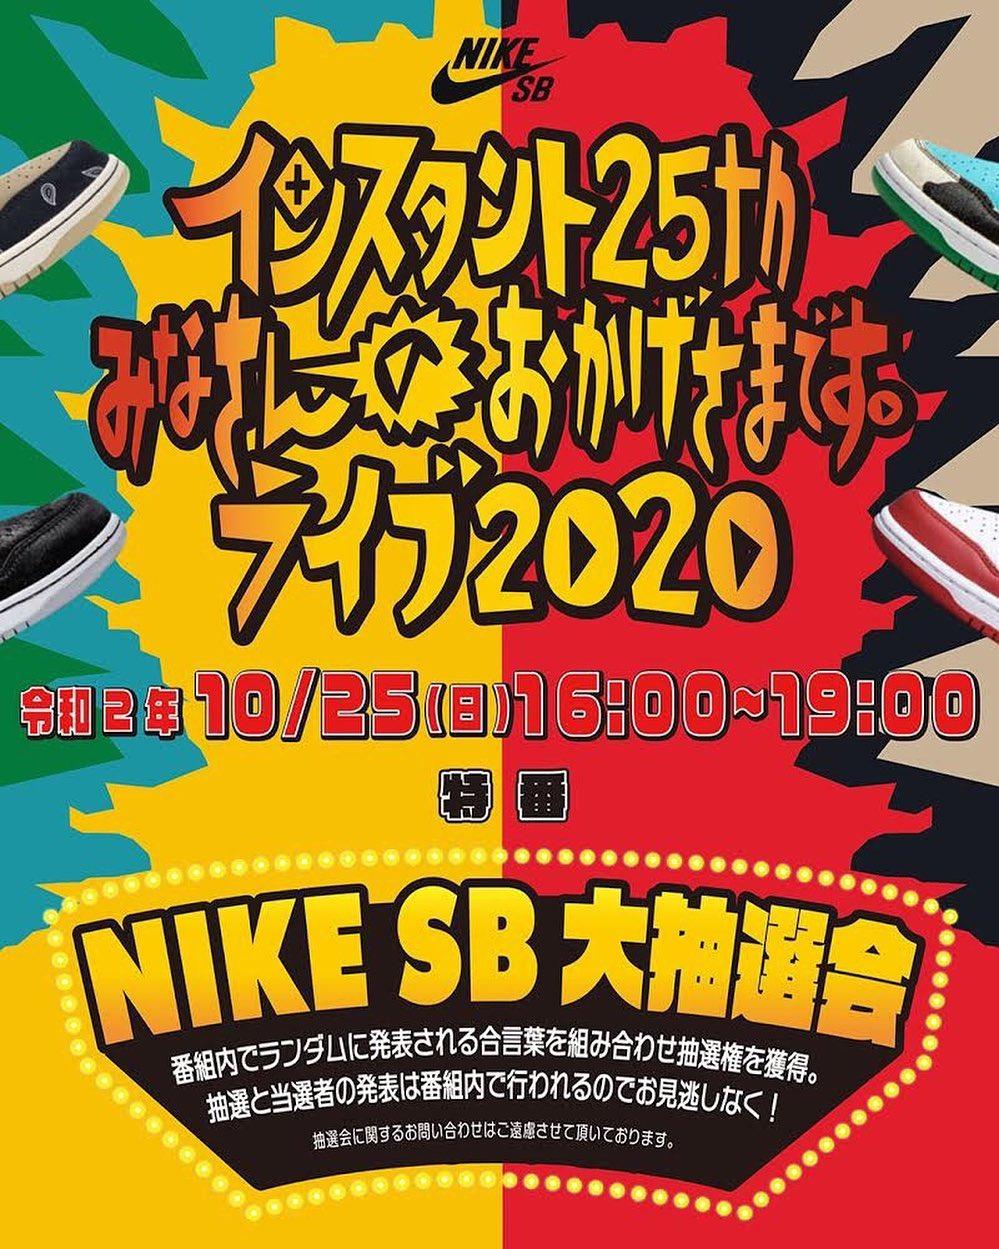 """Nike SB大抽選会! 厳選人気モデルを視聴者プレゼント!*Instant Skateboard 25周年スペシャル企画 """"インスタント25th みなさんのおかげです。ライブ2020"""" の生放送中に出てくる、複数の合言葉を組み合わせて抽選権をゲット!*メール応募で、人気モデルが手に入るかも!?*詳しくはプロフィールページのURLから、当日の番組をチェック!抽選に関するショップへのお問い合わせはご遠慮ください!#i25tant#instantskateshop#instantskateboards"""